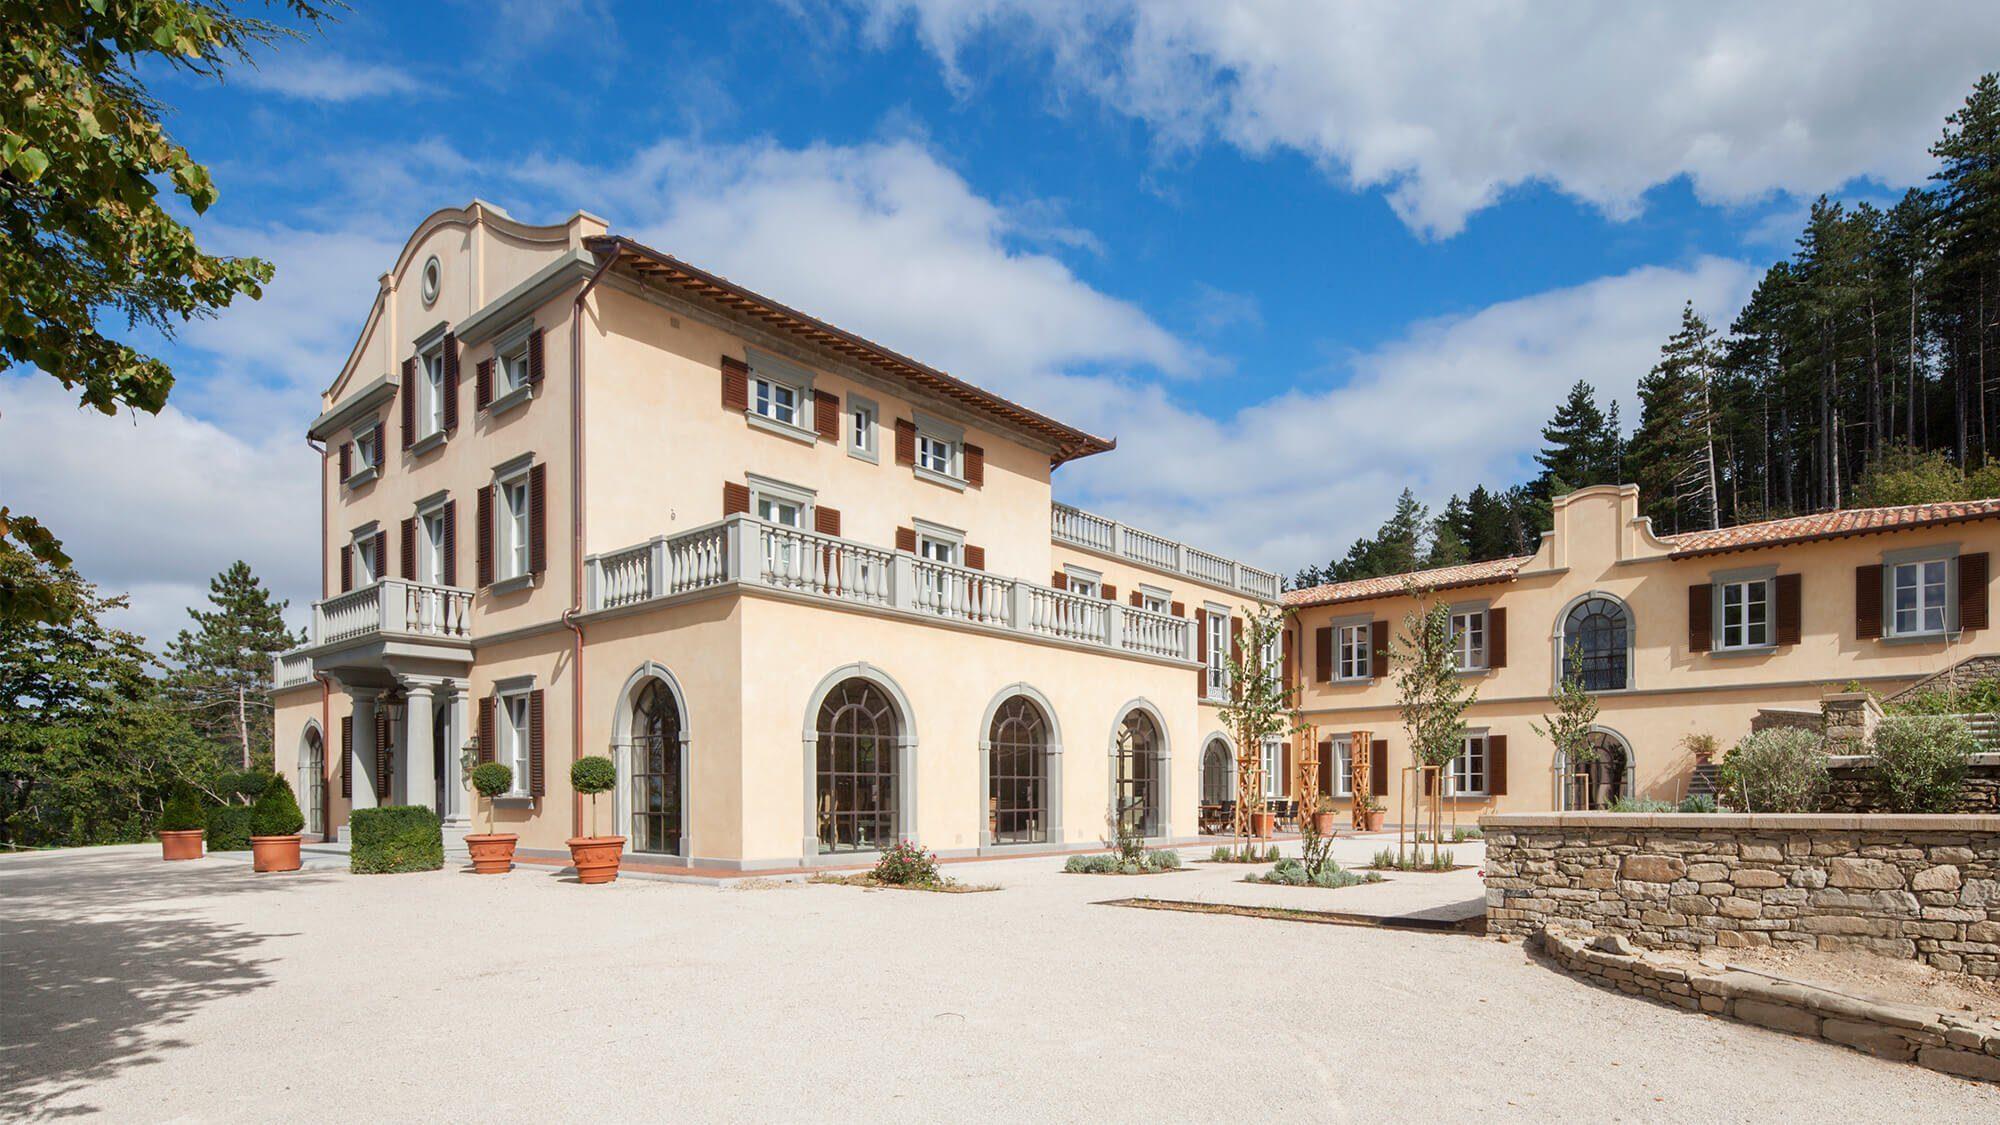 Villa Guglielmesca